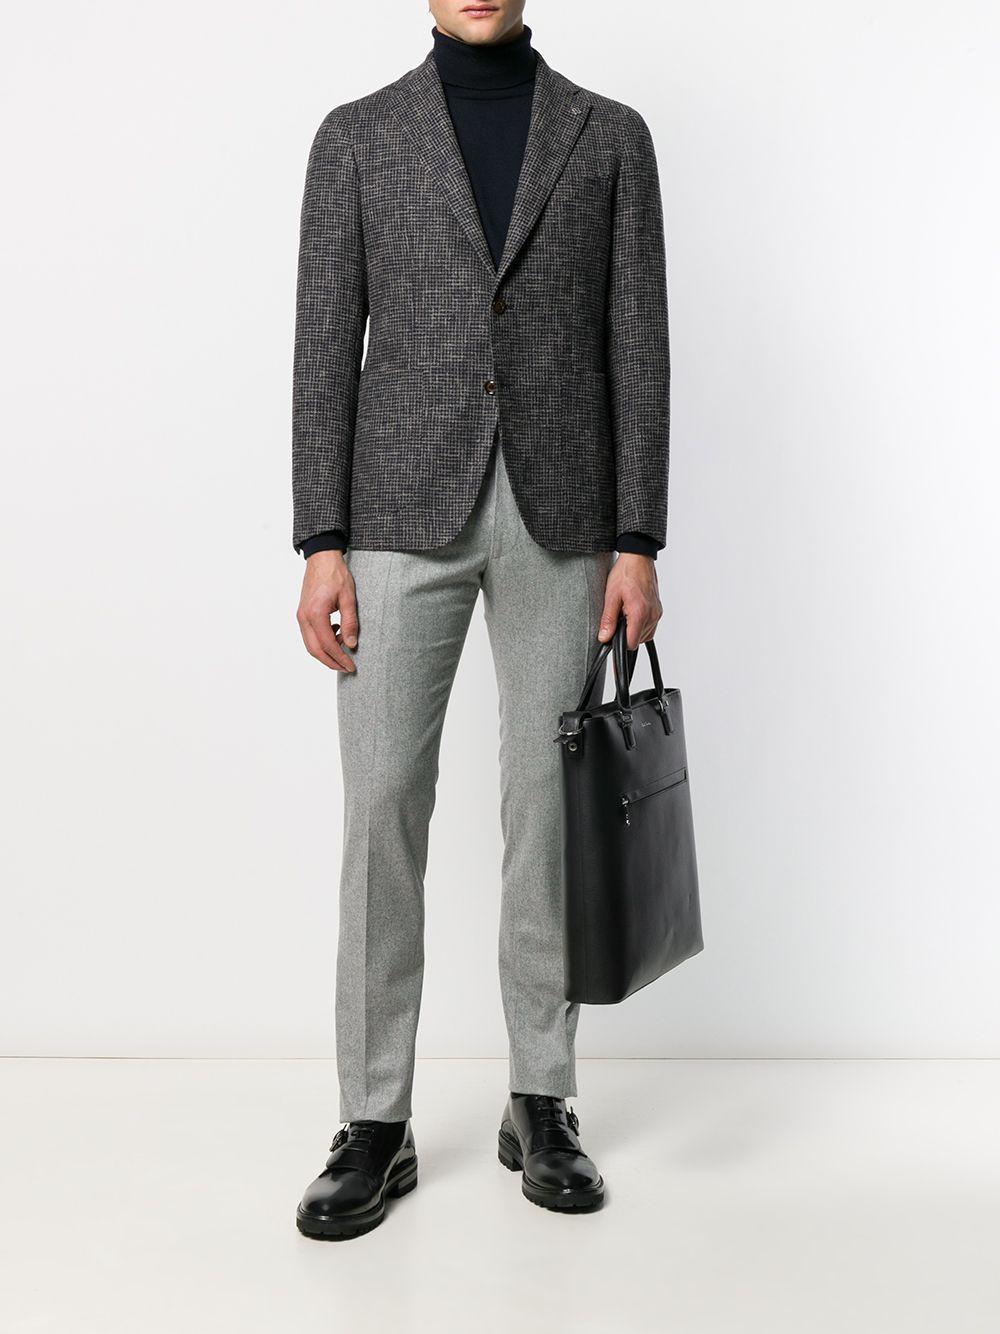 Tagliatore Wol Pantalon Met Colourblocking in het Grijs voor heren